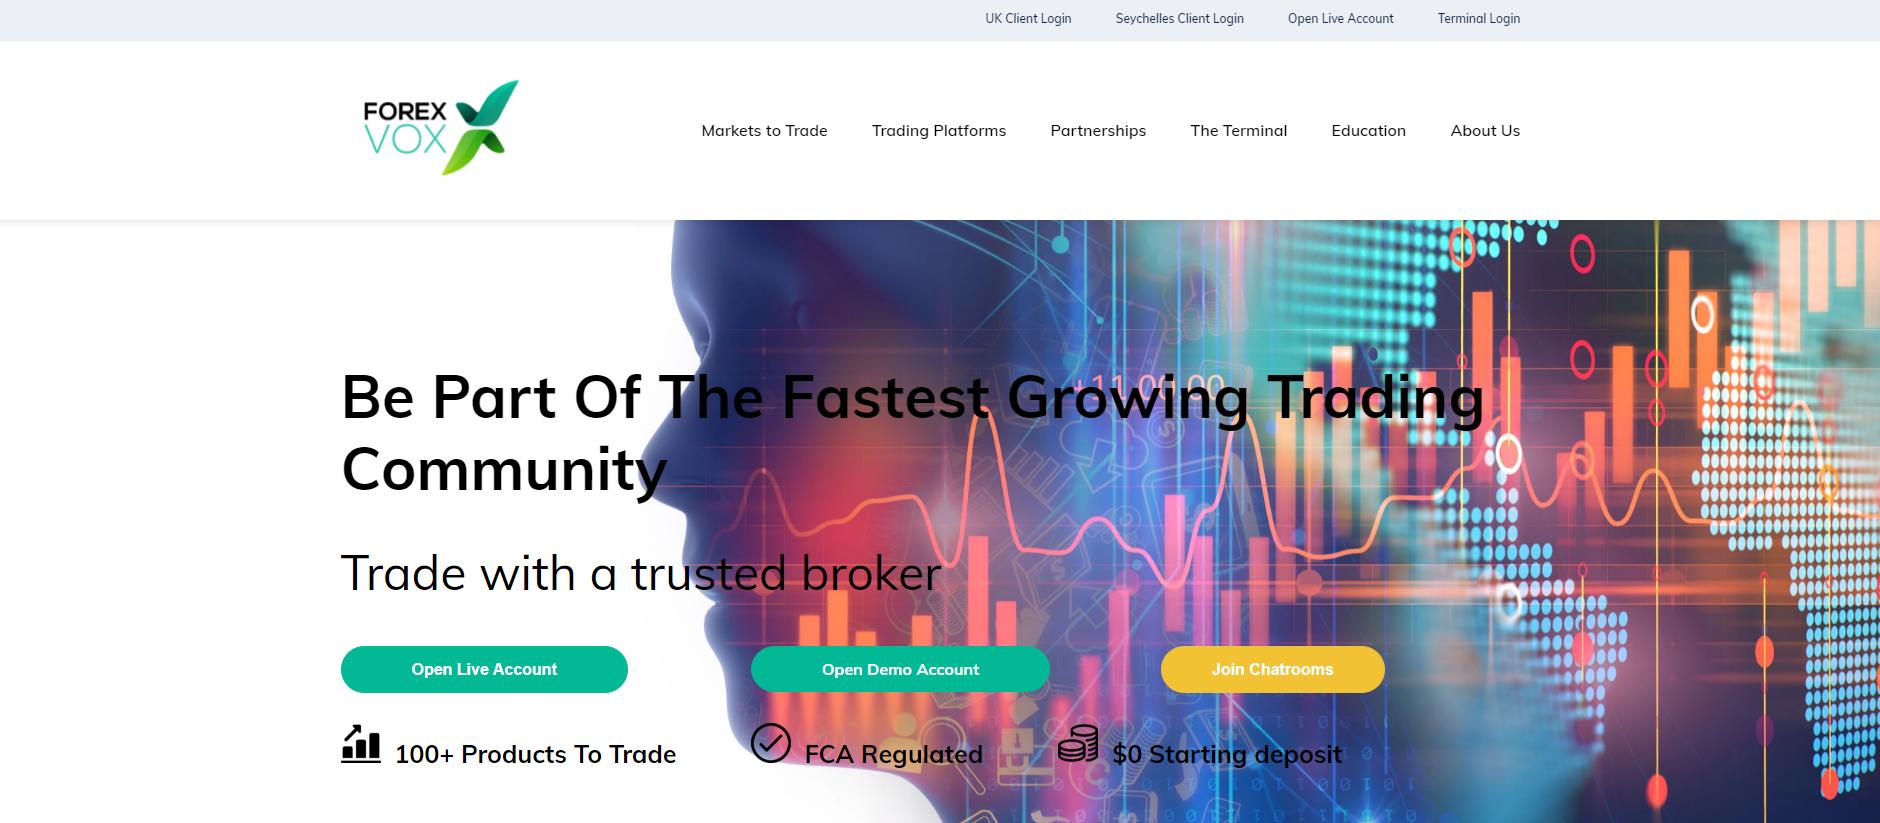 обзор официального сайта forexvox